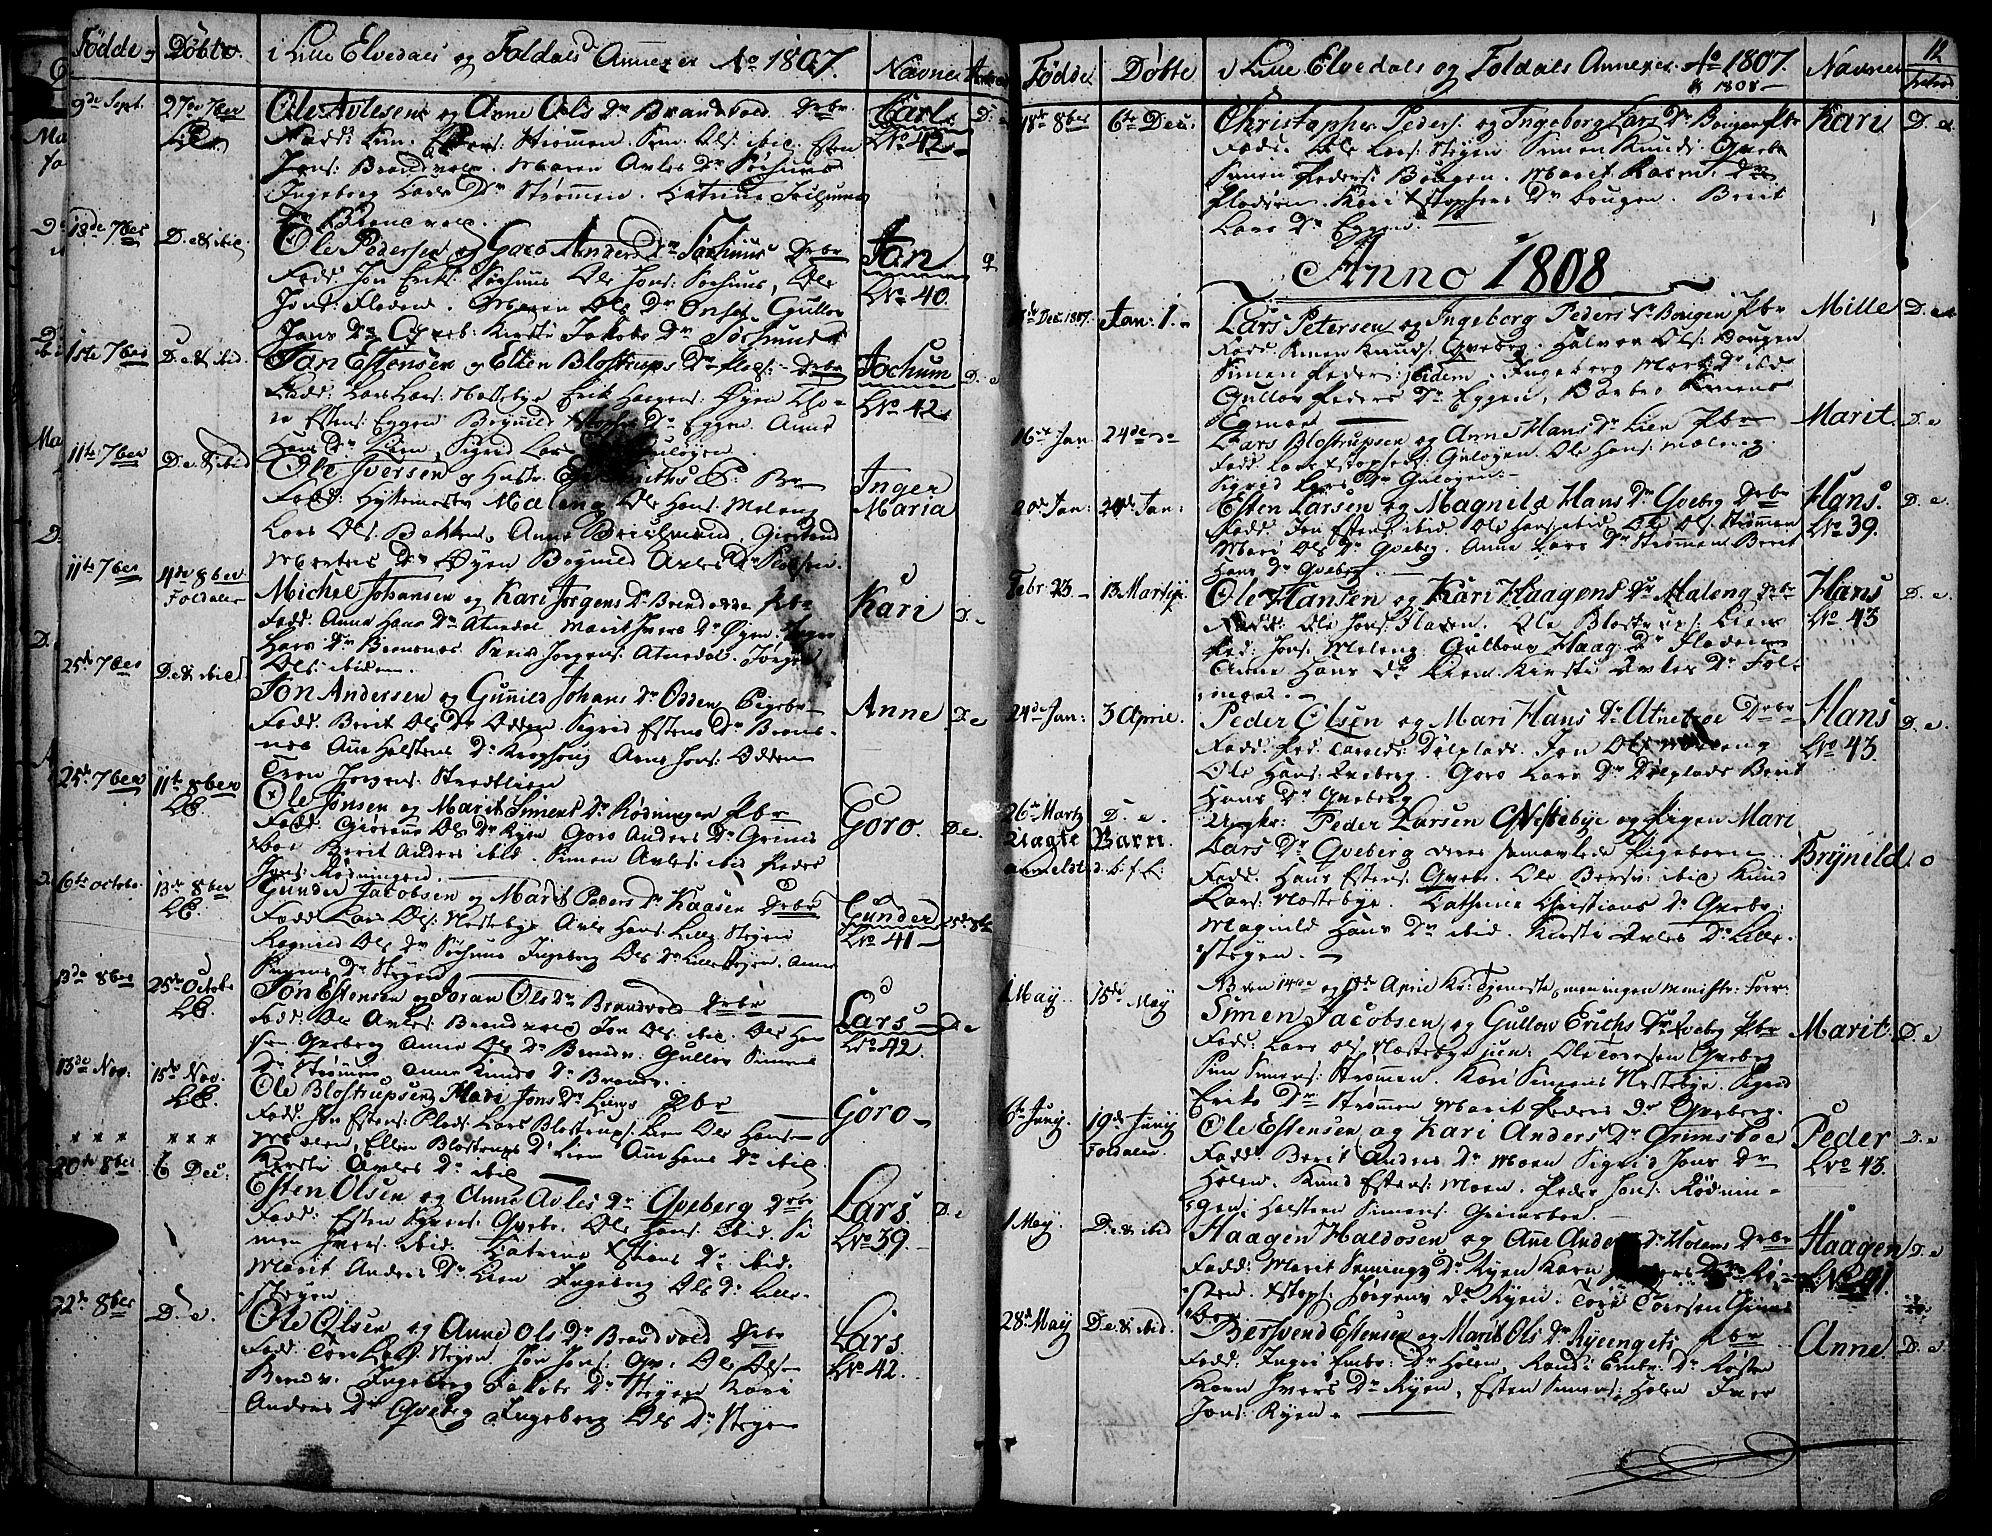 SAH, Tynset prestekontor, Parish register (official) no. 16, 1801-1814, p. 12